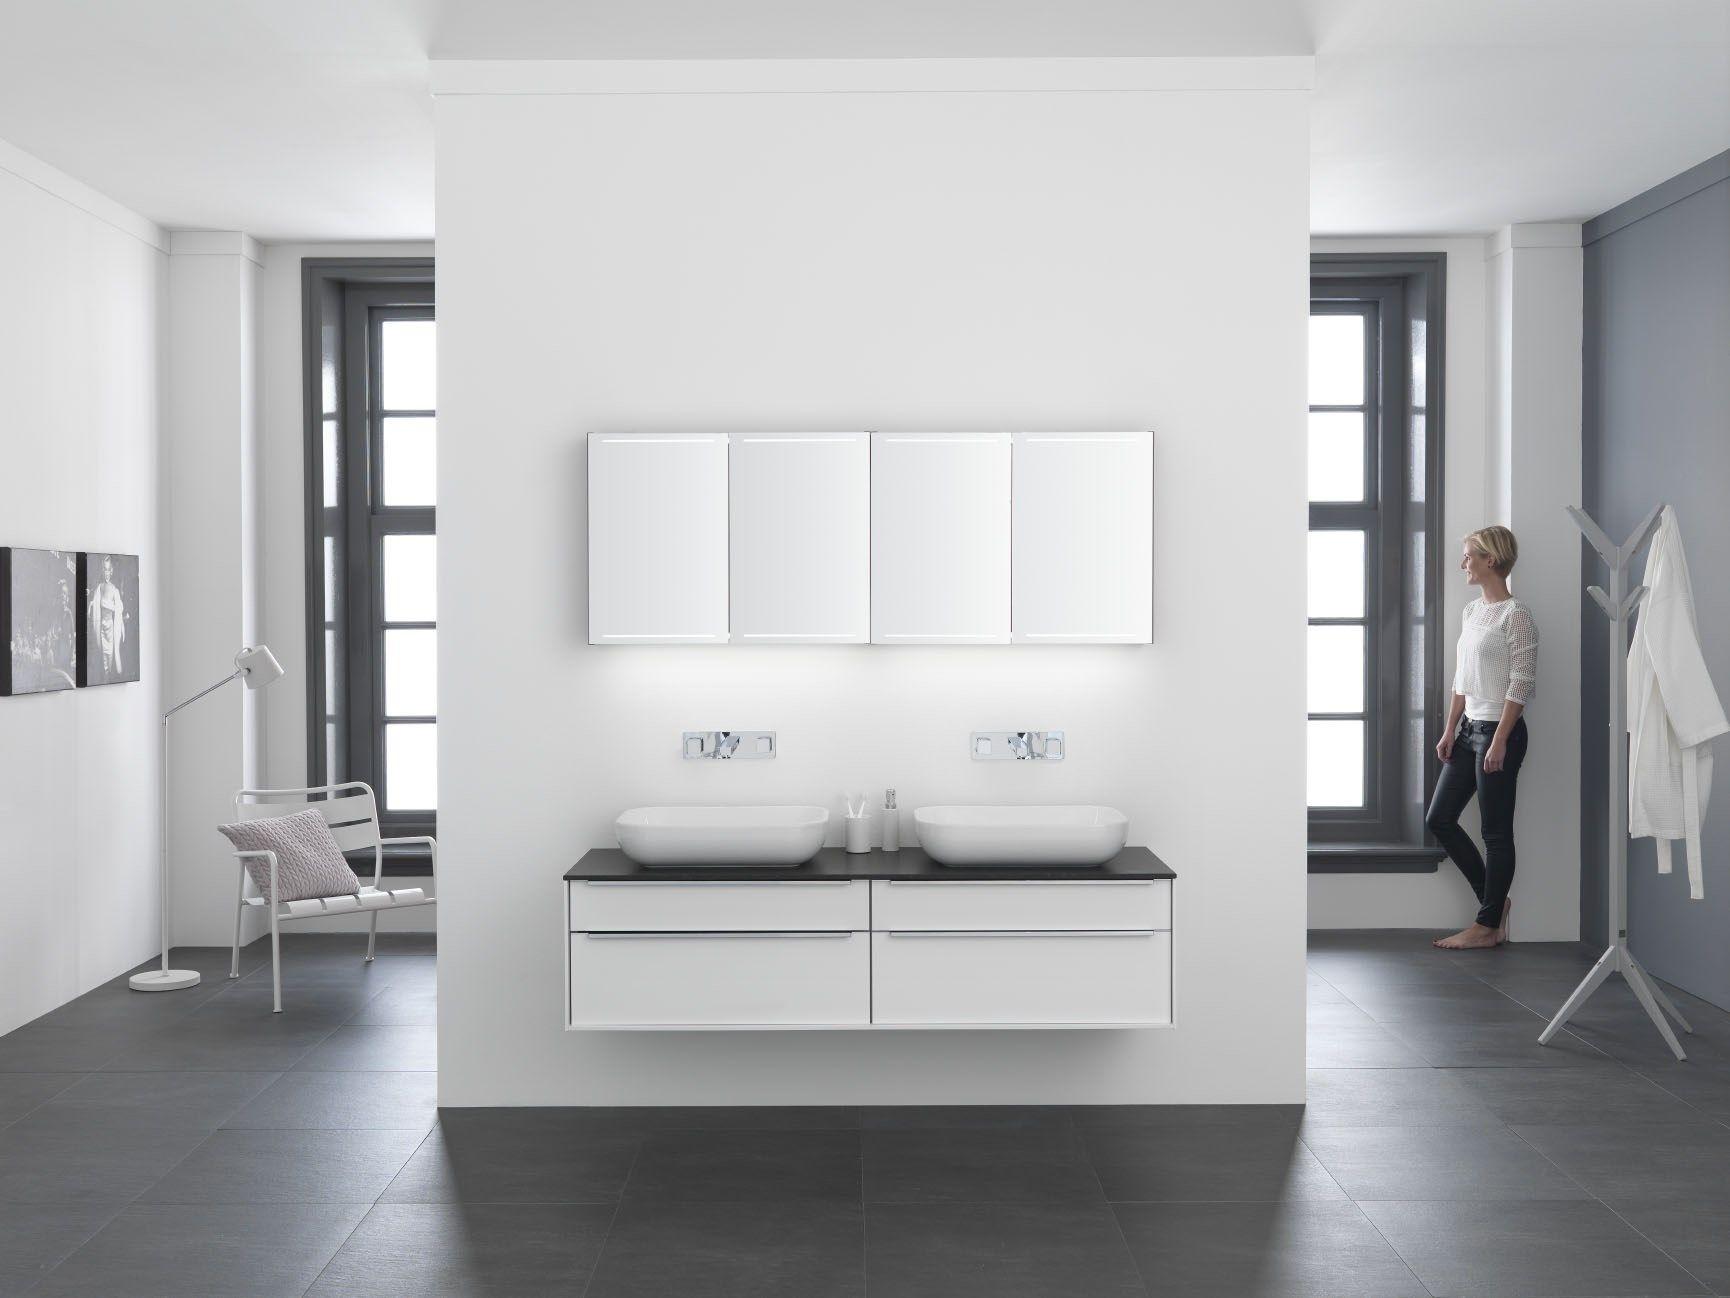 Moderne luxe spiegelkast type deluxe cm boven badkamermeubel